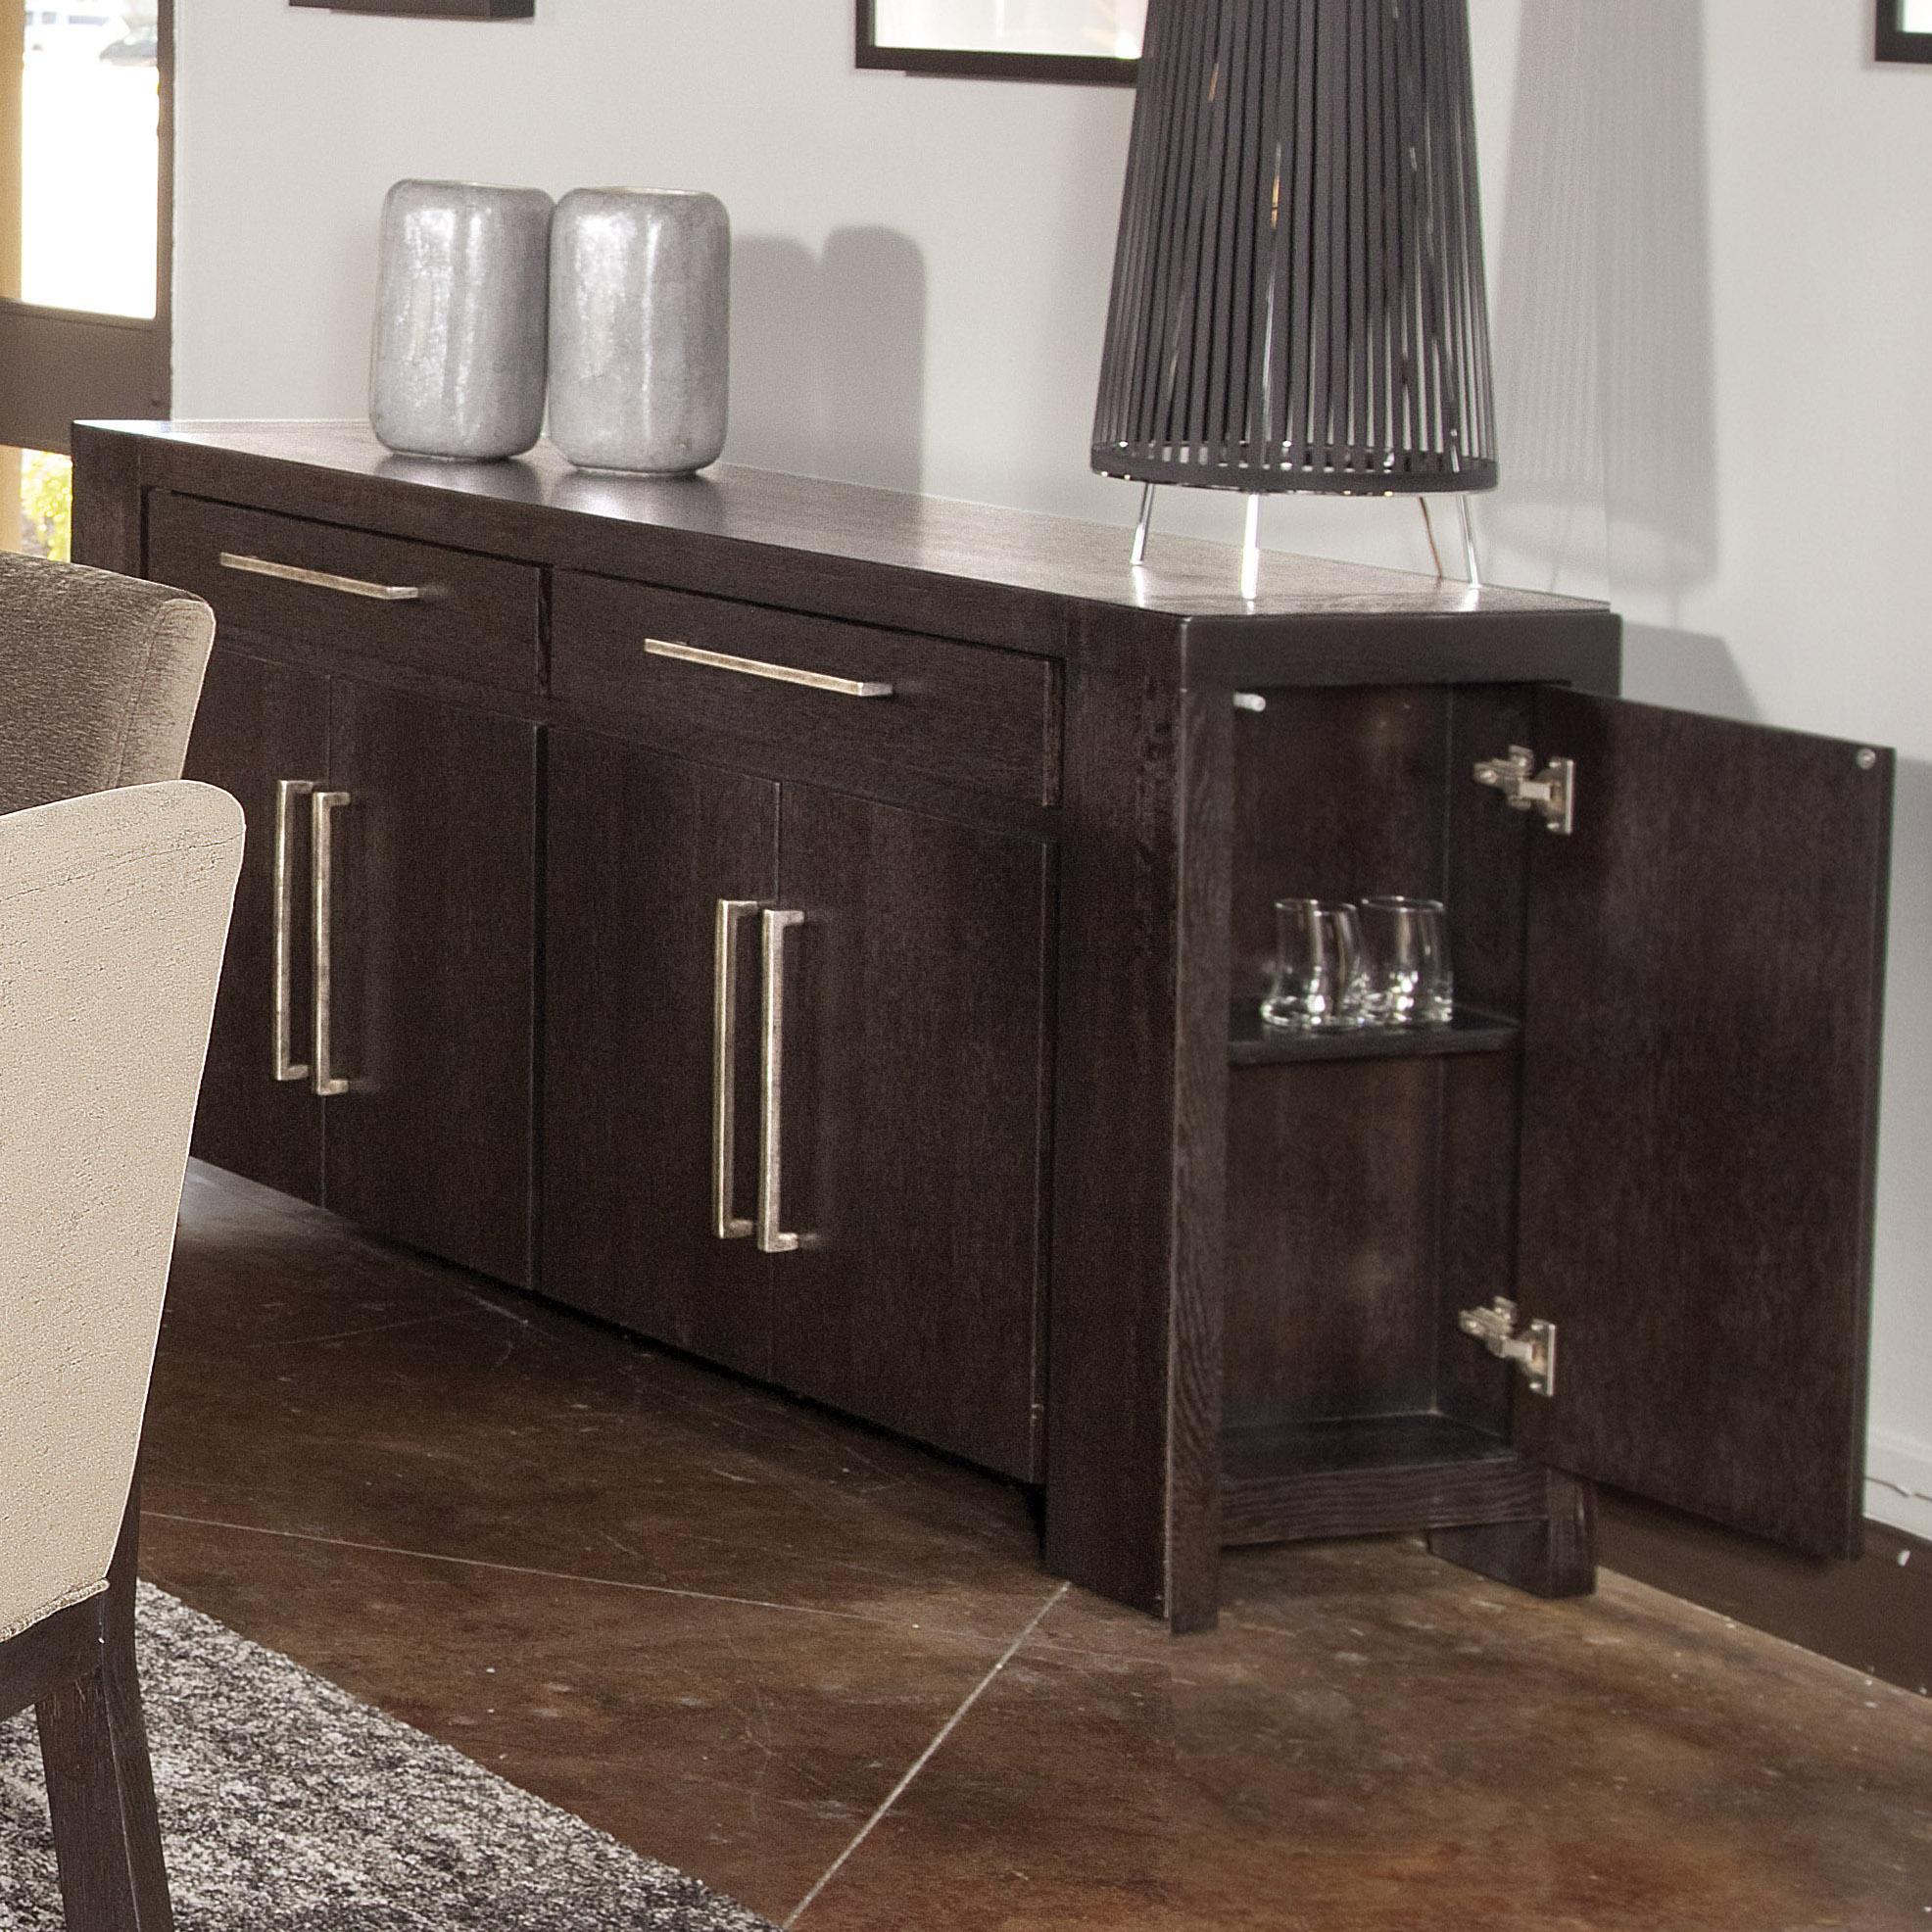 Morris Home Furnishings Metropolis Metropolis Sever - Item Number: LACC-8300-345